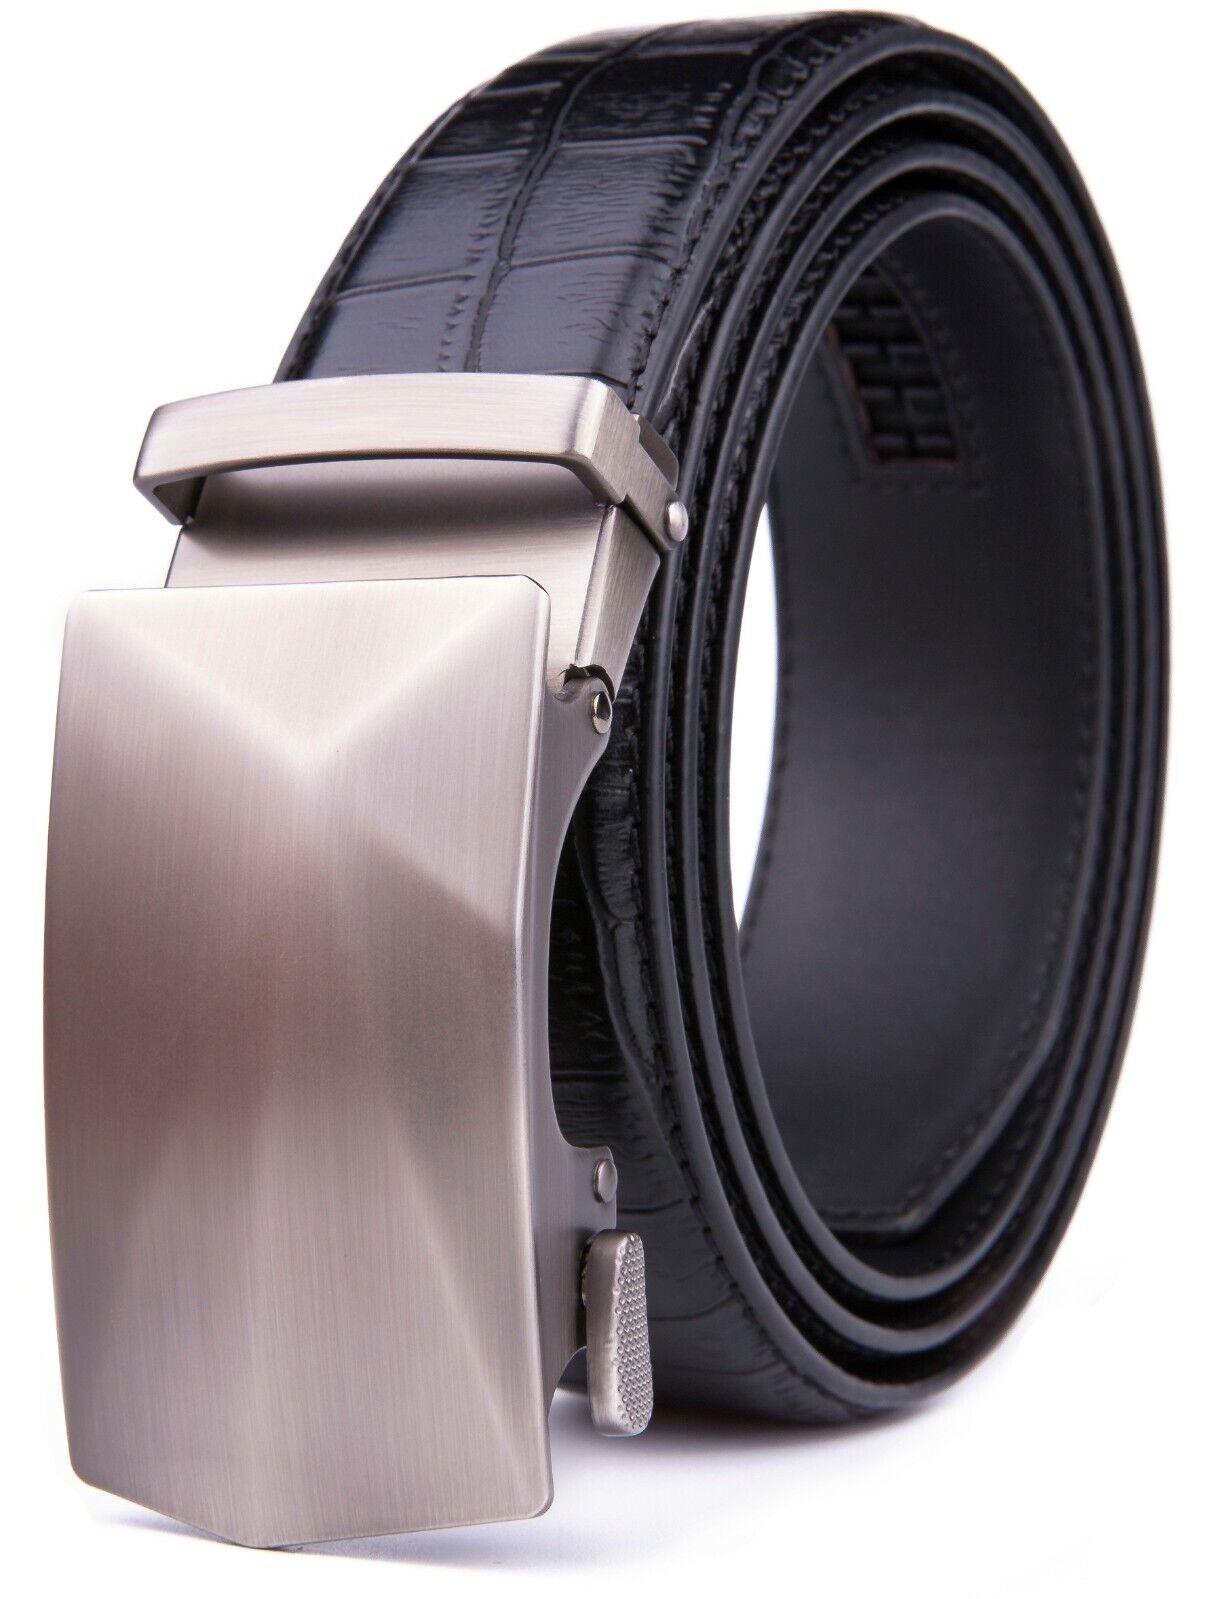 Men's Ratchet  Belts with Automatic Buckle Leather Dress Belt Adjustable Belts